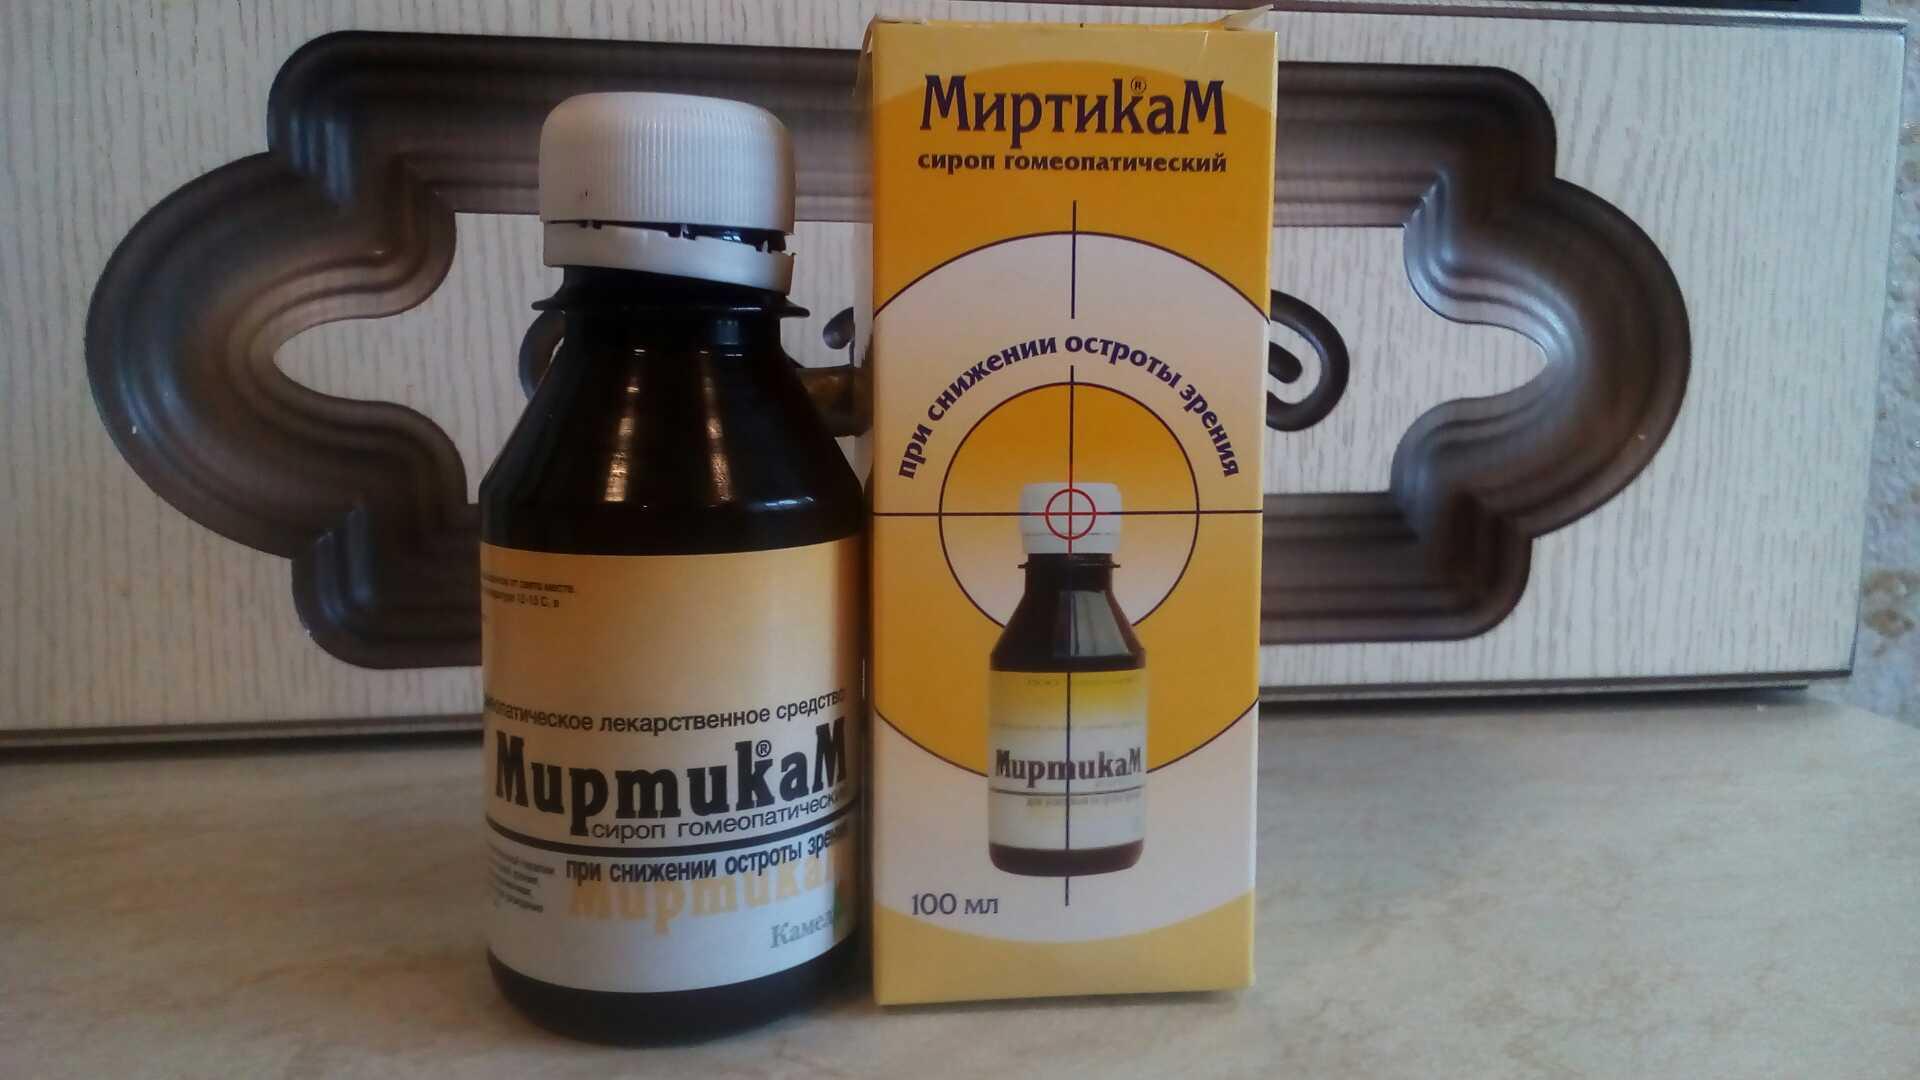 Купить миртикам сироп 100мл цена от 79руб в аптеках москвы дешево, инструкция по применению, состав, аналоги, отзывы